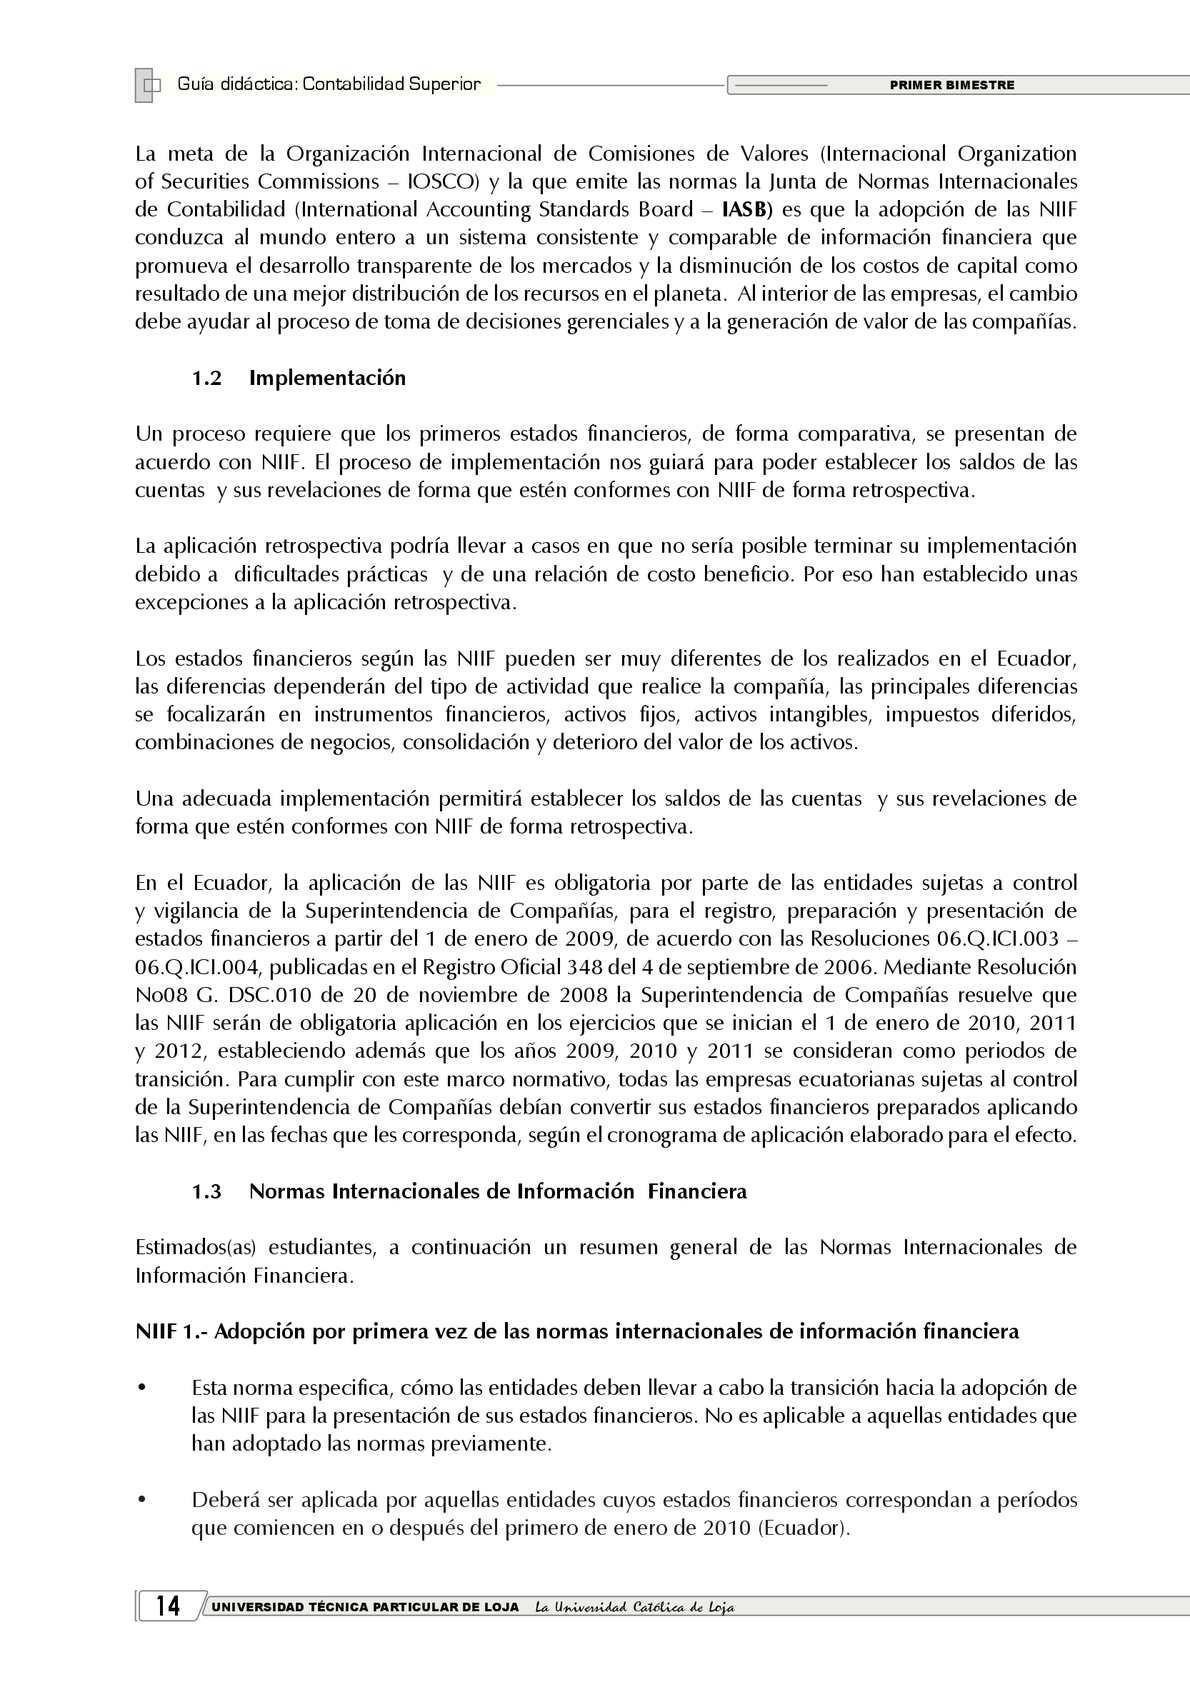 Hermosa Resumen De Resumen De Estudiante De Contabilidad Molde ...